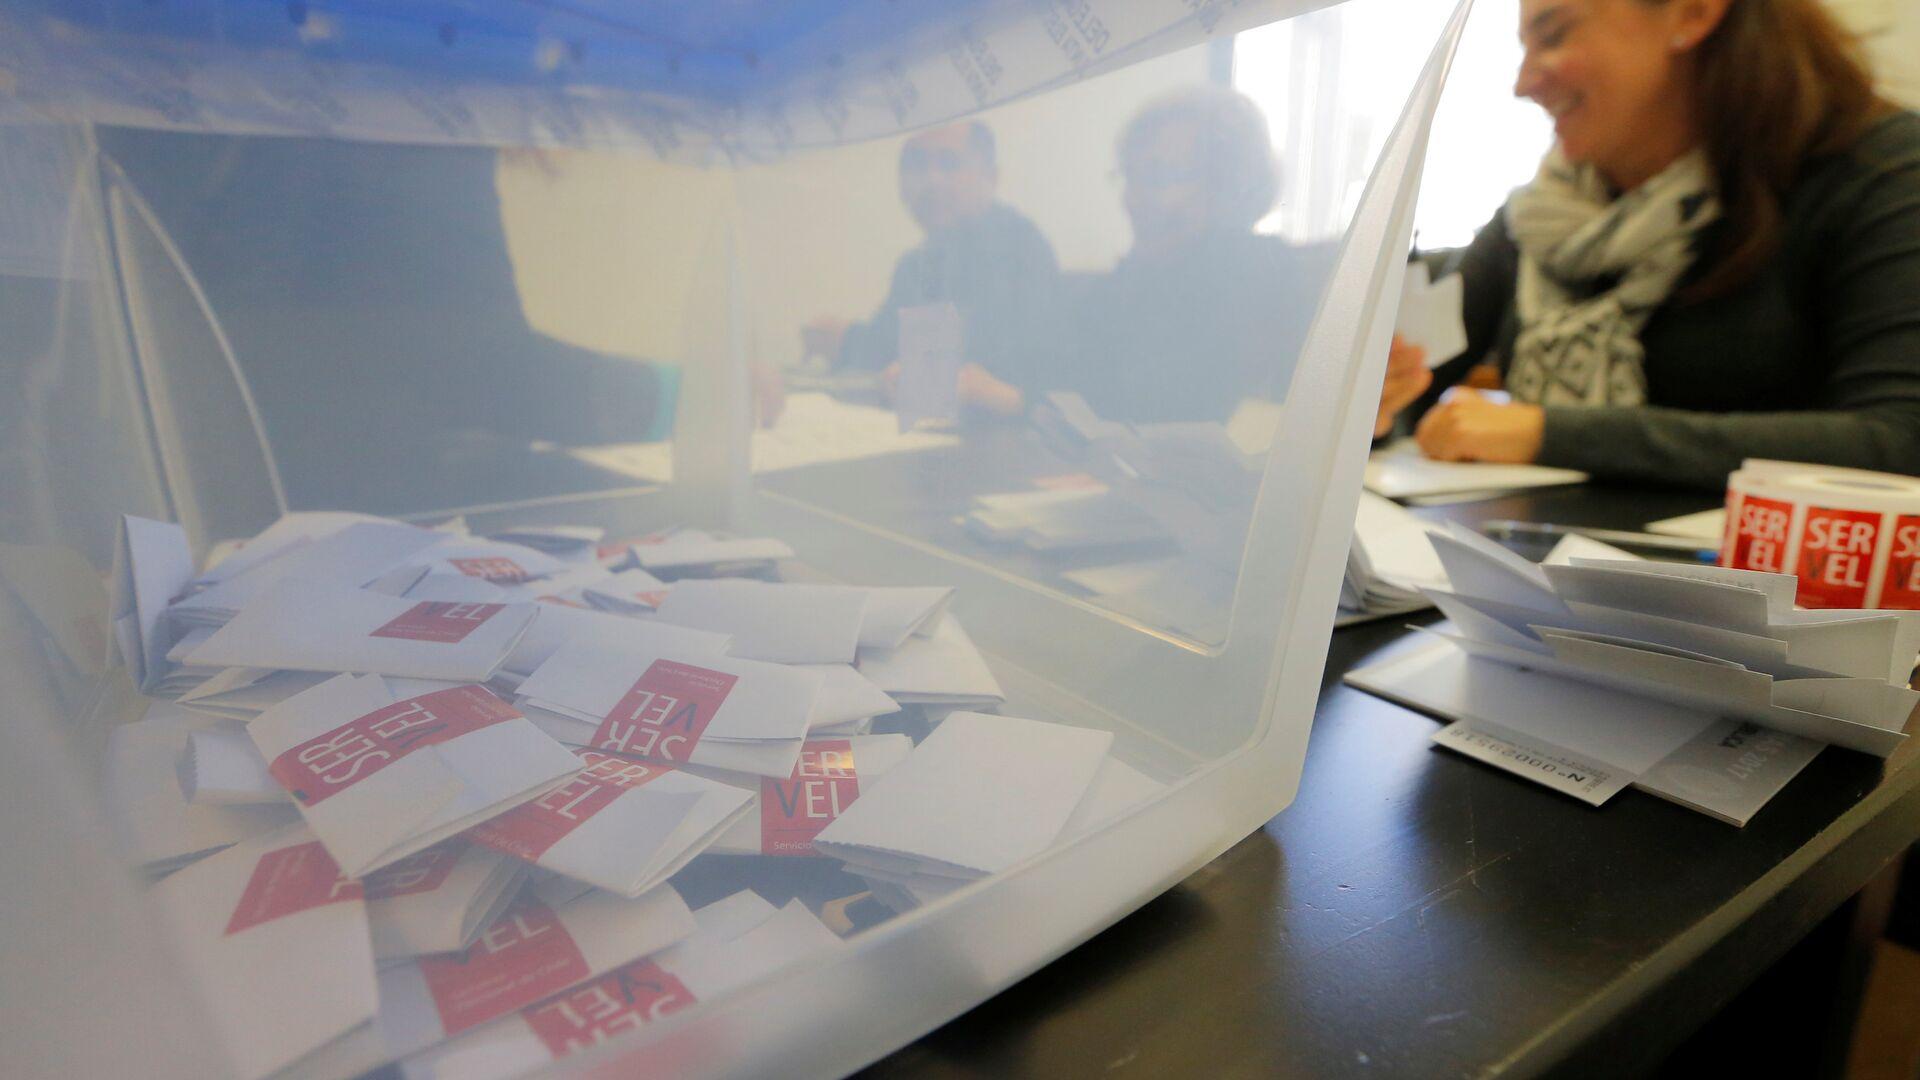 Elecciones primarias presidenciales de Chile (archivo) - Sputnik Mundo, 1920, 11.03.2021